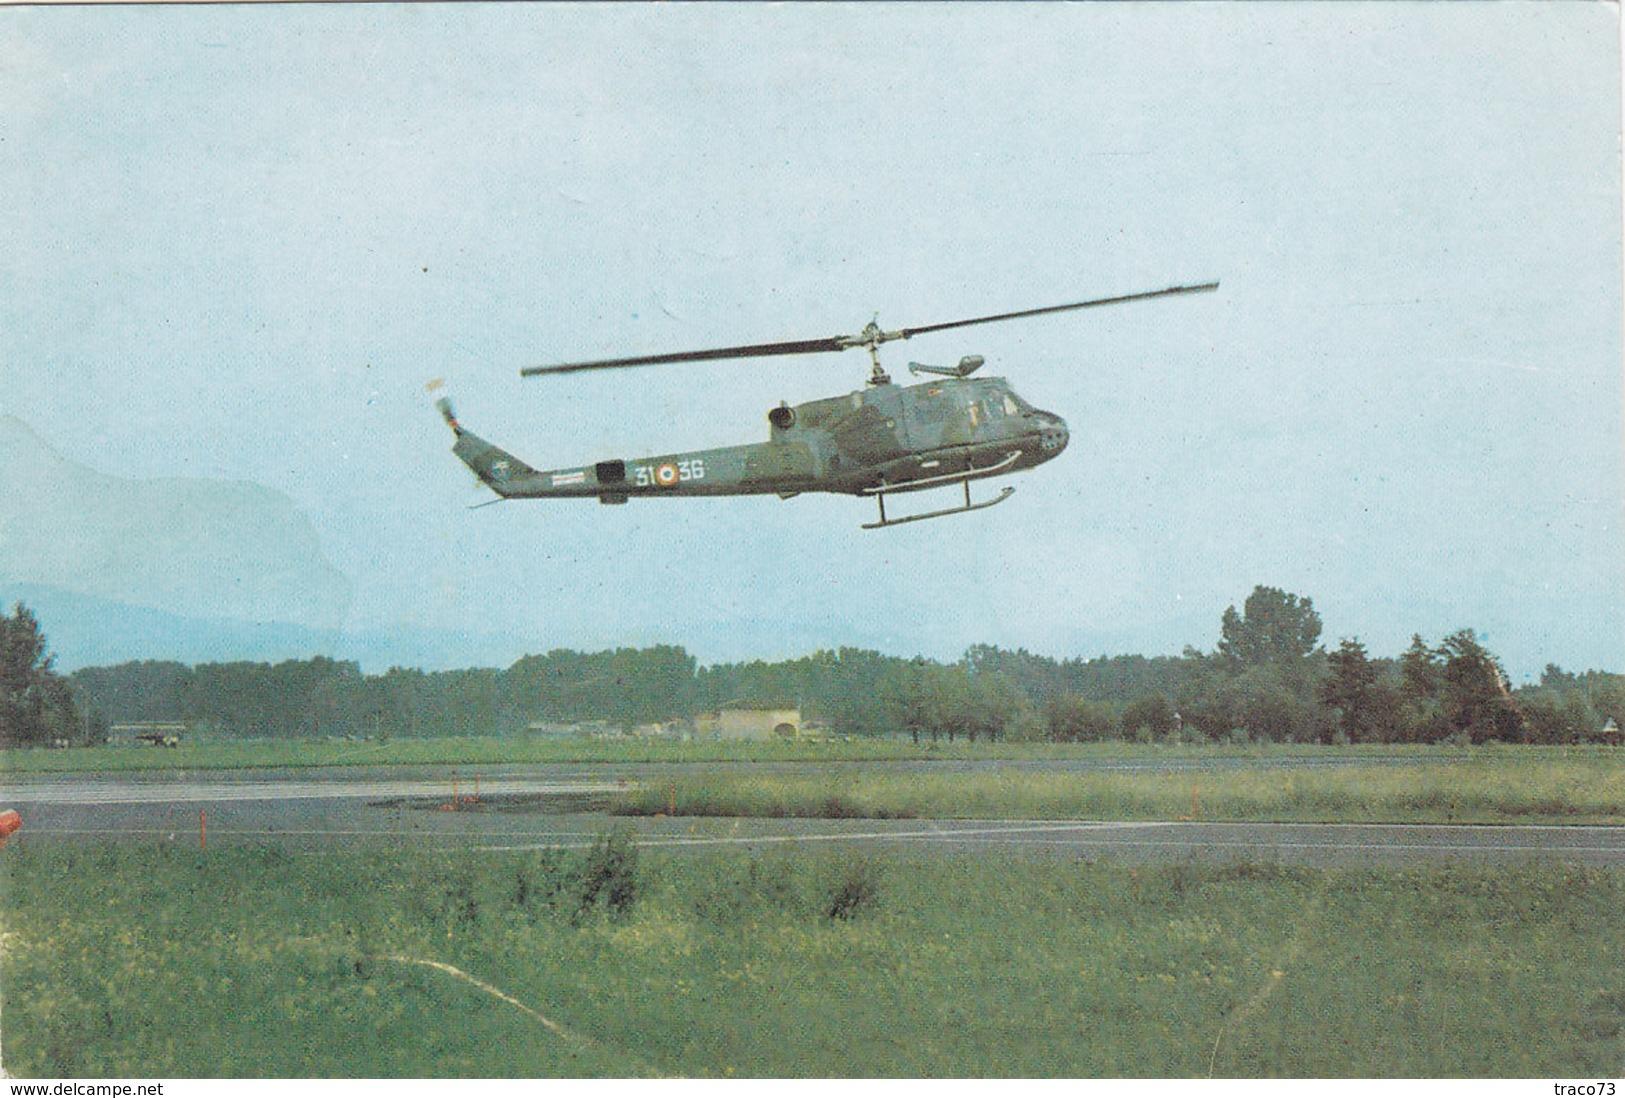 ELICOTTERO A TURBINA AUGUSTA - BELL AB 204 - Elicotteri